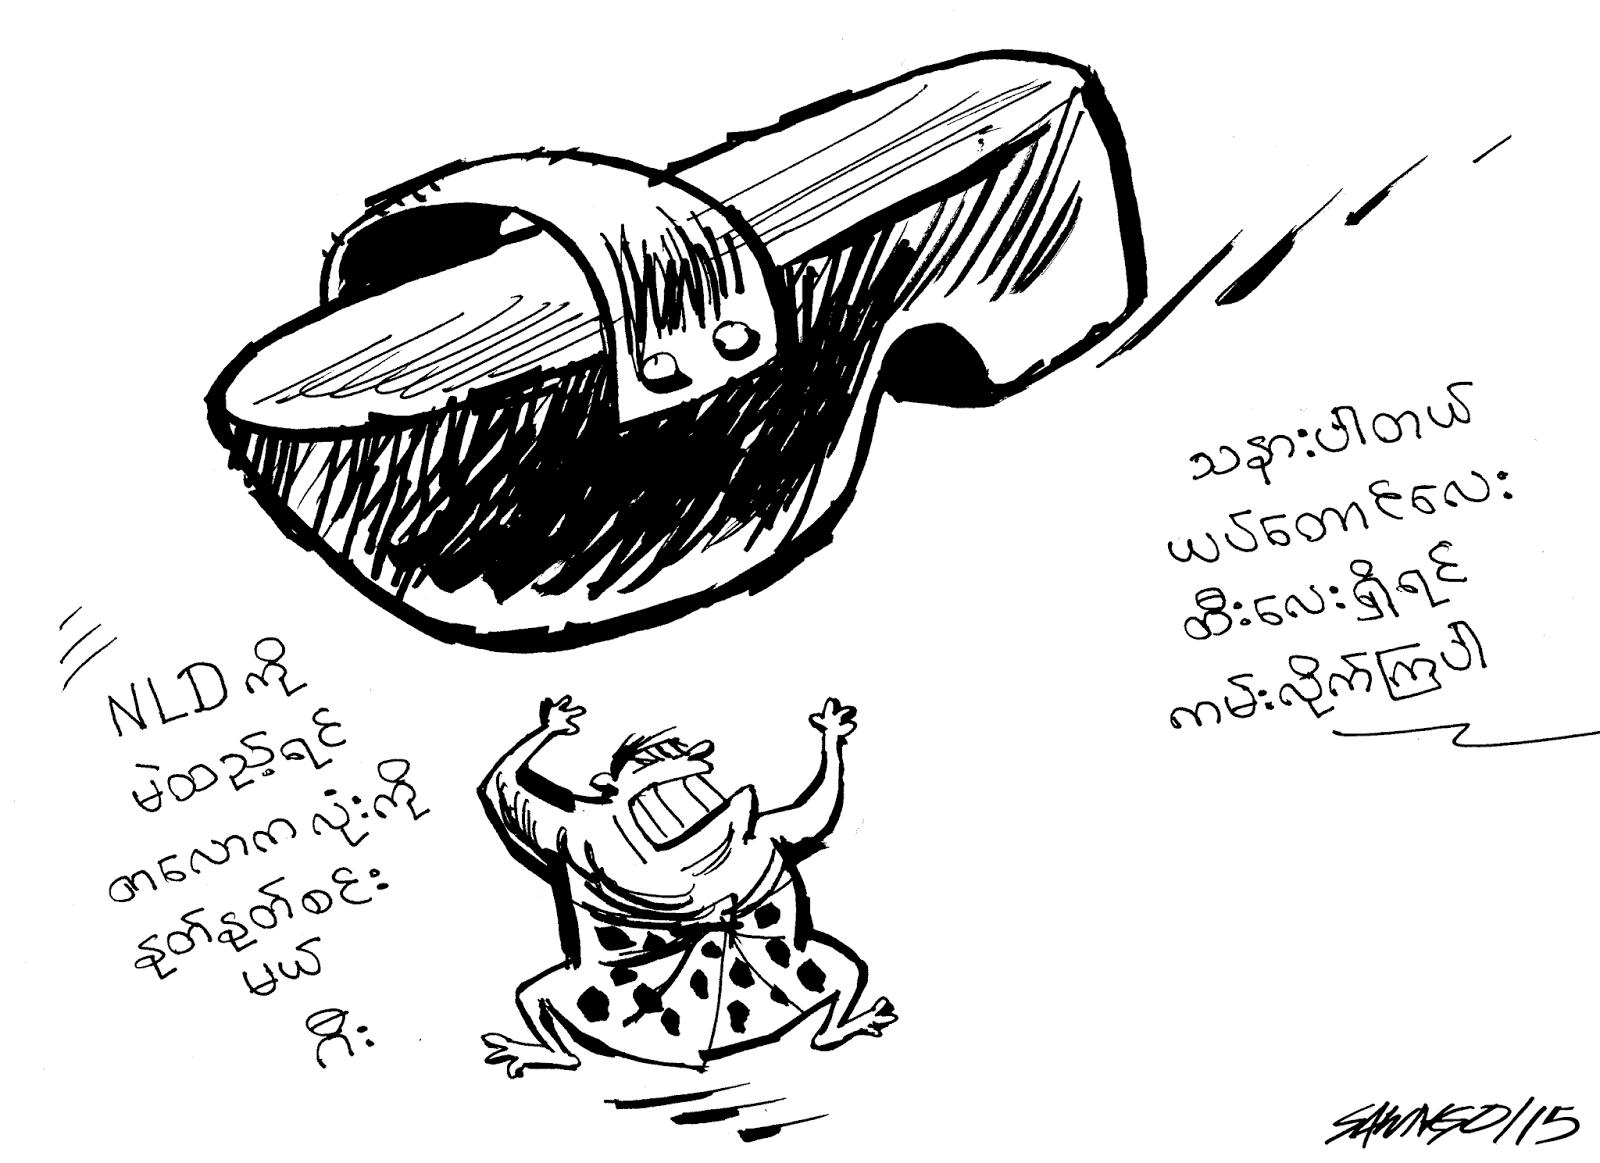 သာထက္ေအာင္ ● အေတာမသတ္ႏိုင္တဲ့ အလြဲလြဲအေခ်ာ္ေခ်ာ္ေတြ